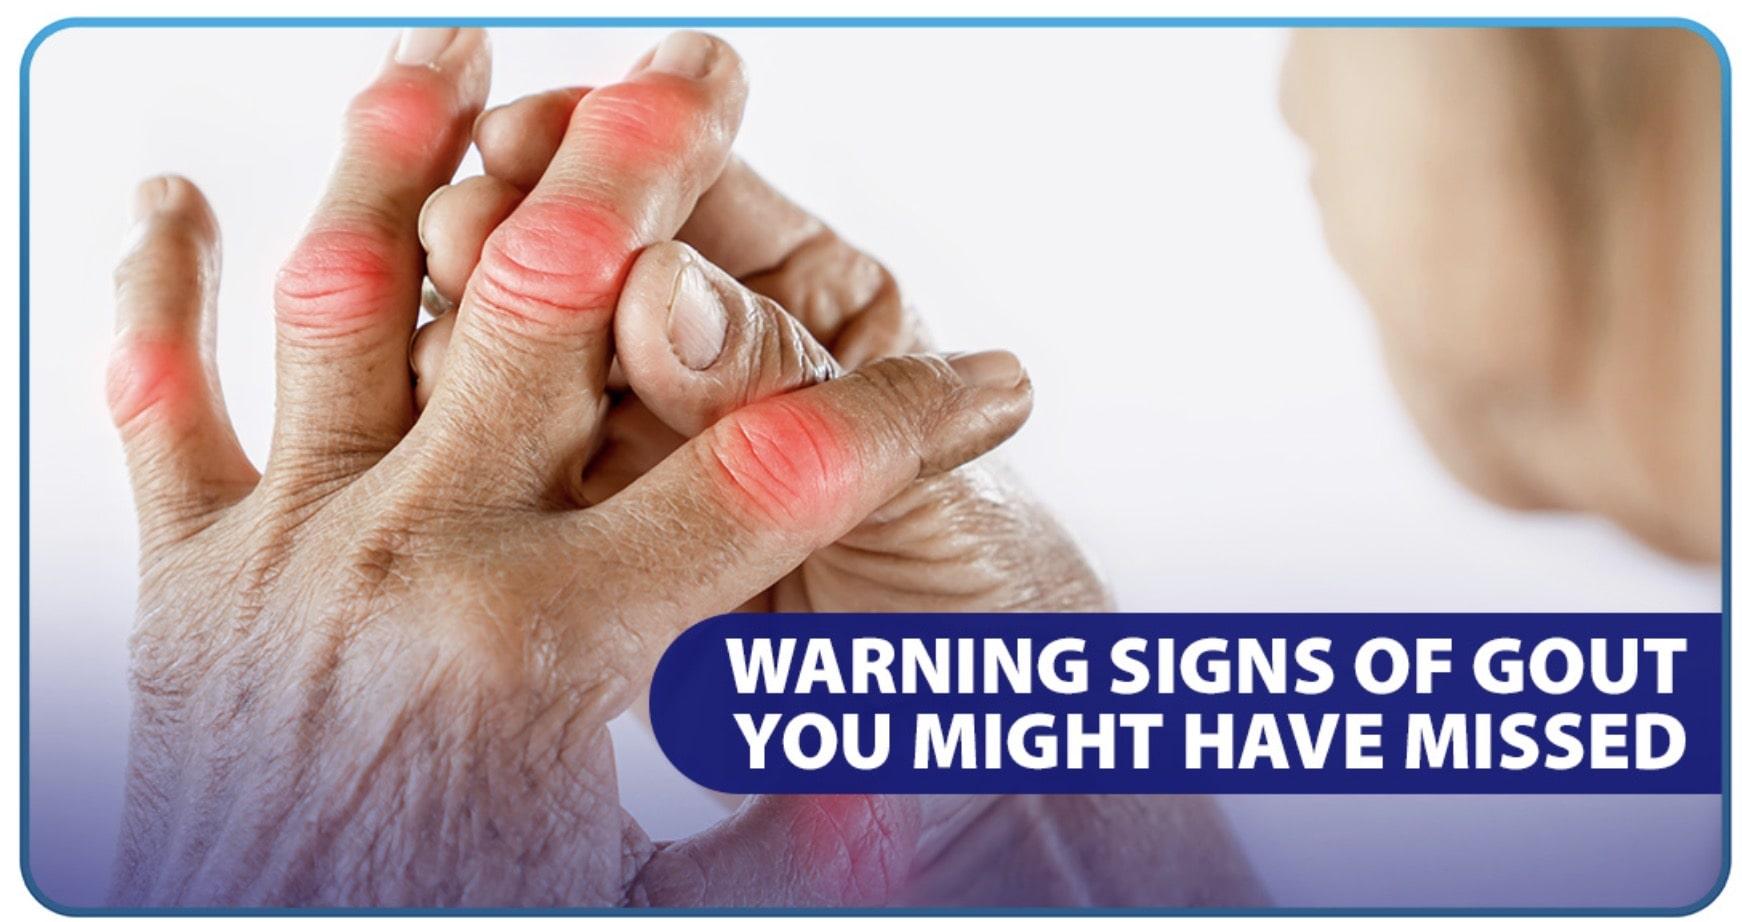 ikaw ba ay may gout? alamin